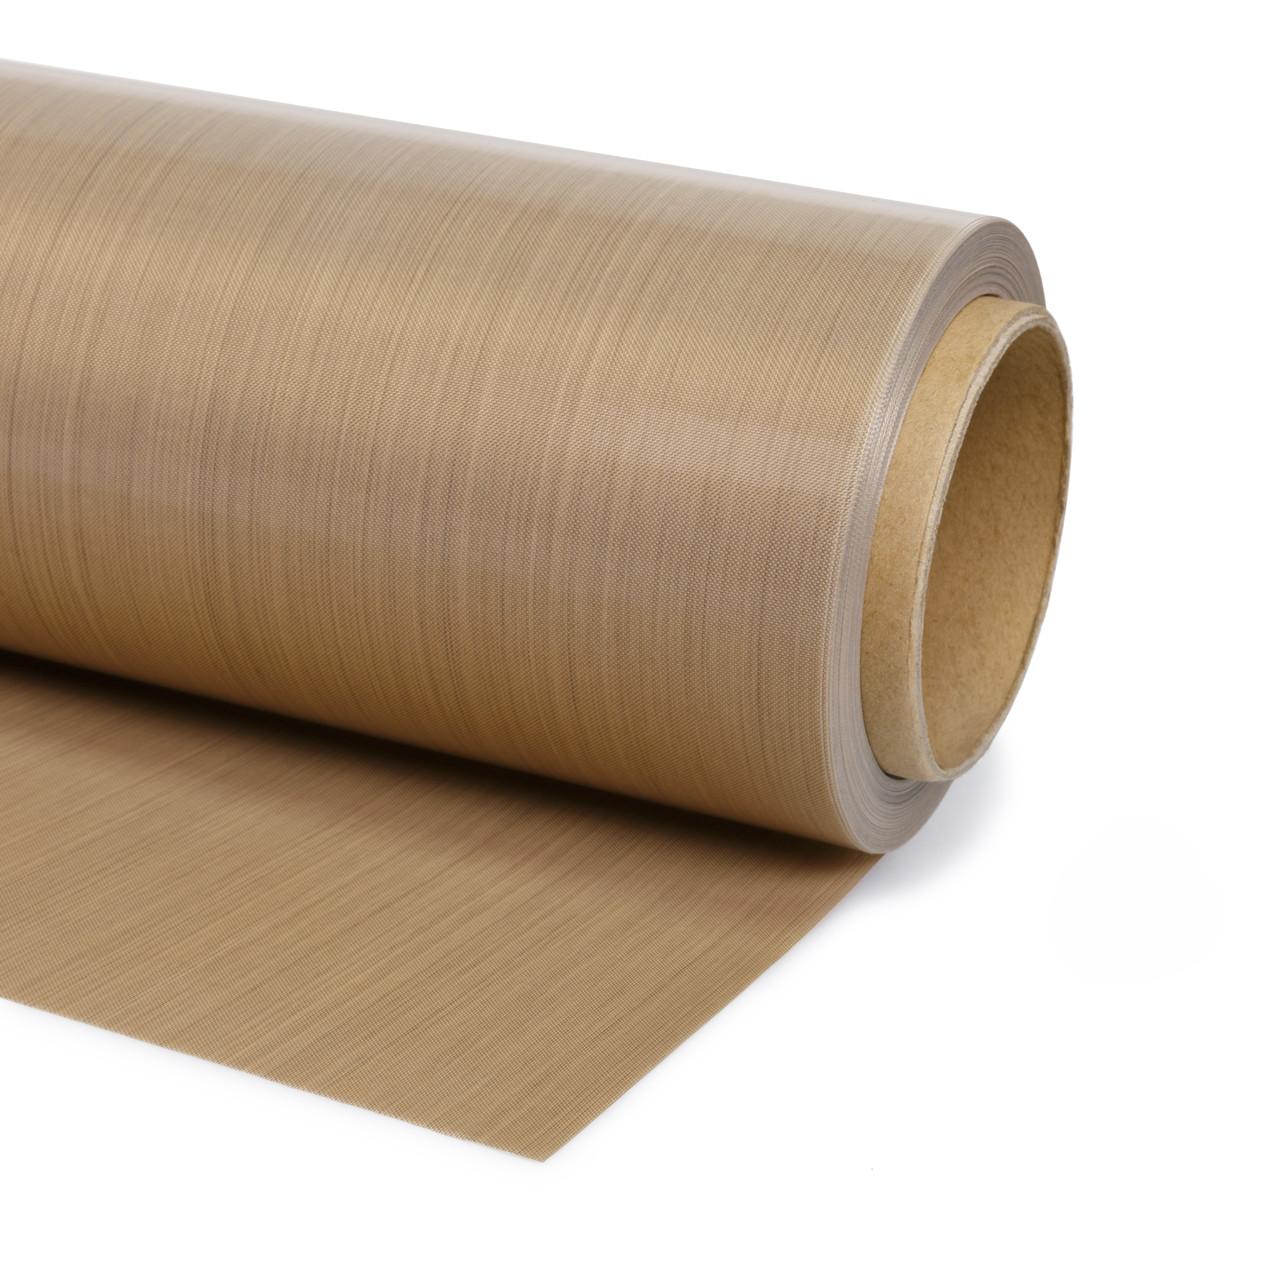 Тефлоновая лента толщина 0.14 мм